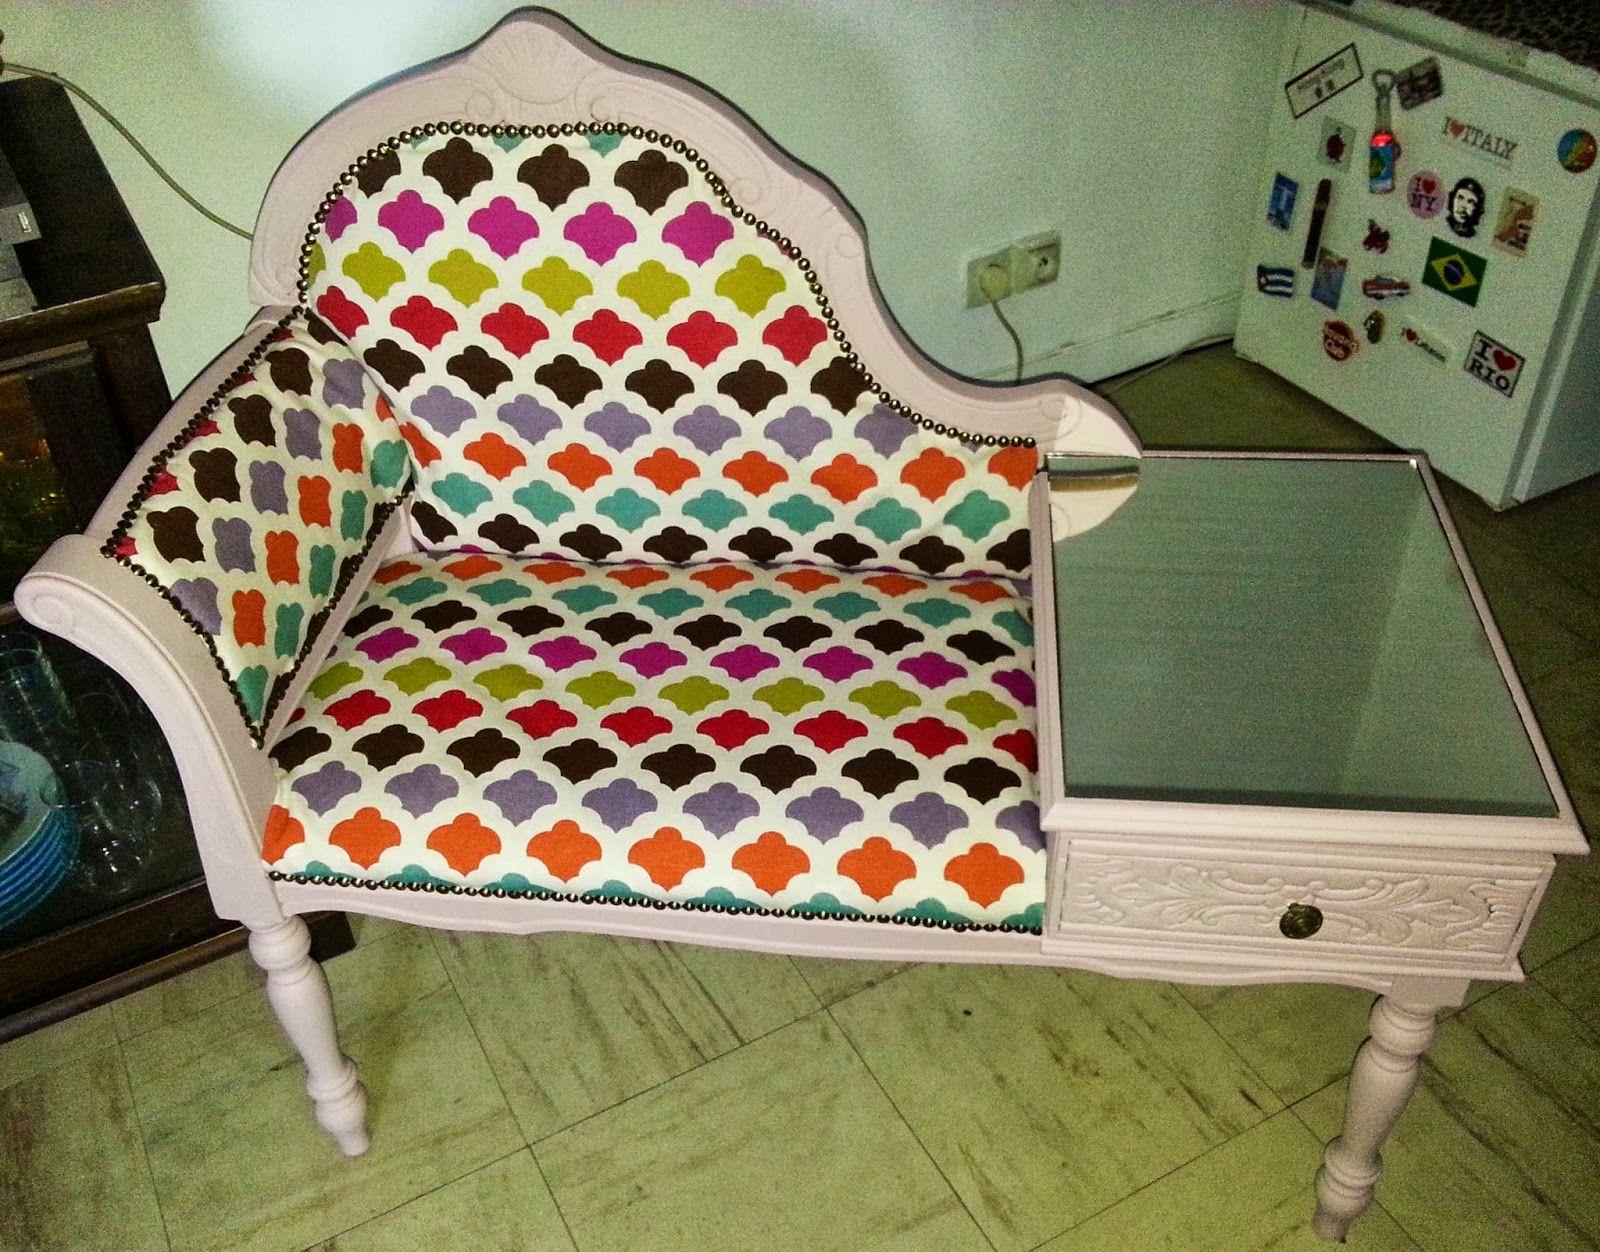 Hallway furniture gumtree  Adavea adavea on Pinterest